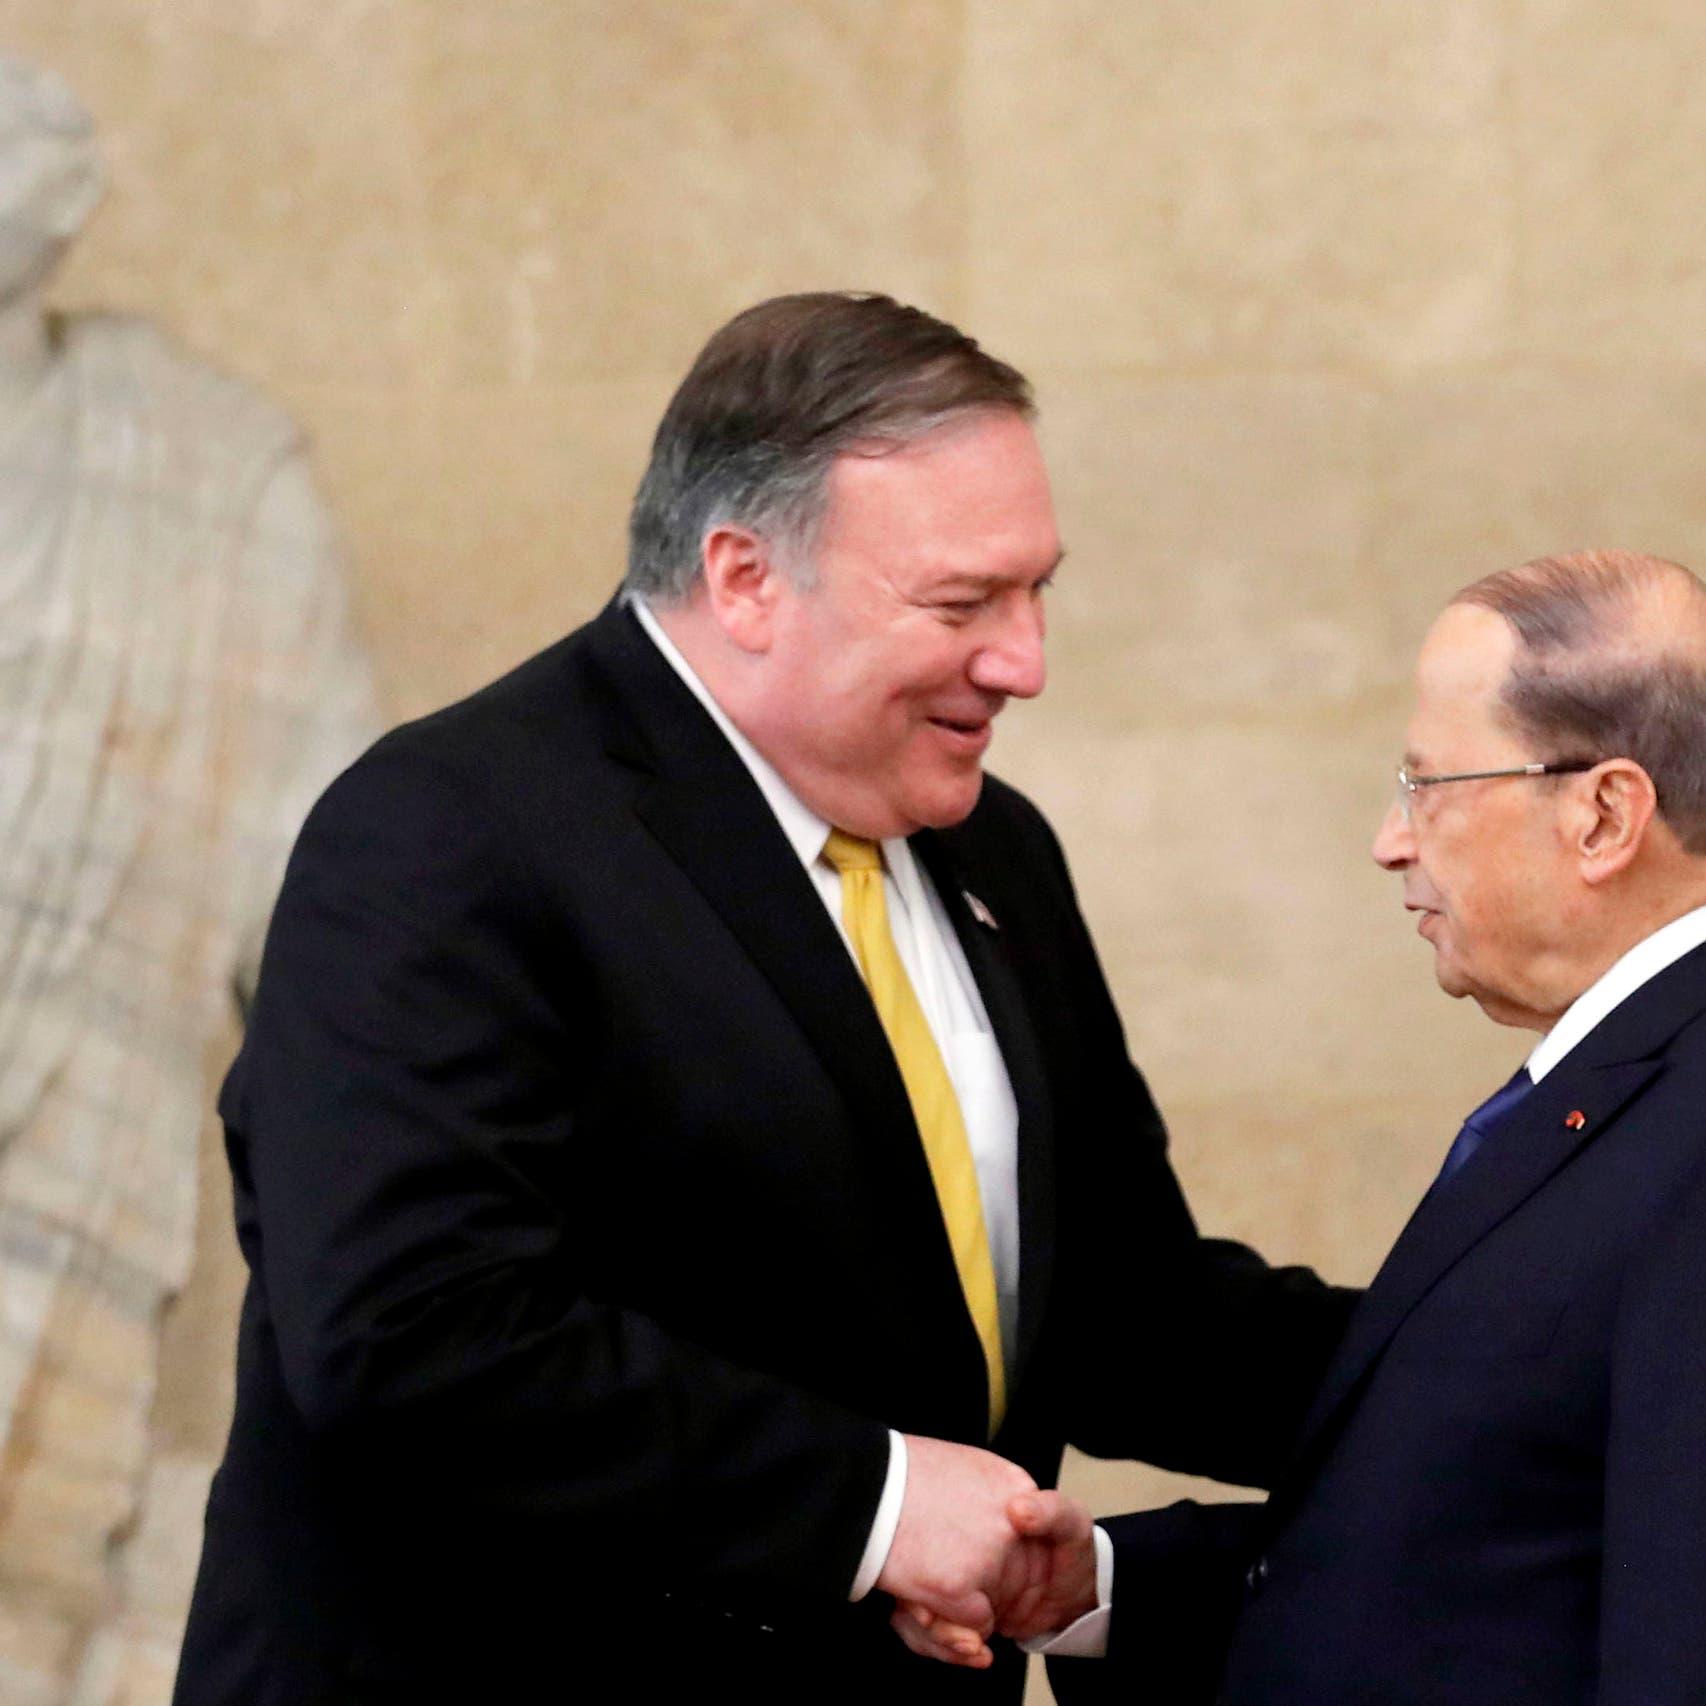 سجال في لبنان.. هل رد بومبيو الإهانة لرئيس الجمهورية؟